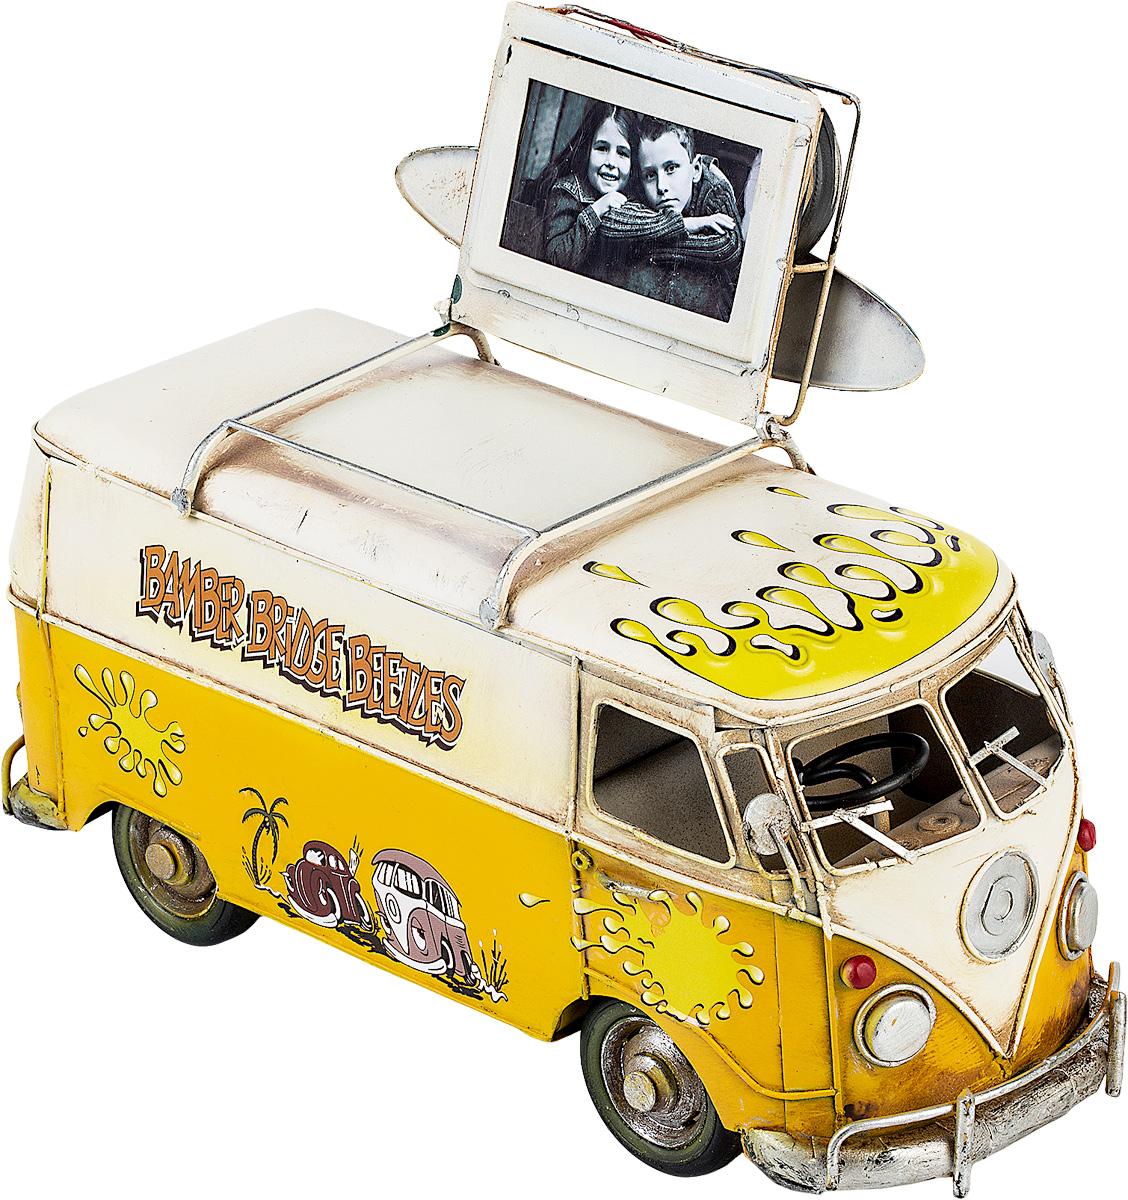 Модель Platinum Автобус, с фоторамкой. 1404E-4332JP-15/13Модель Platinum Автобус, выполненная из металла, станет оригинальным украшением вашего интерьера. Вы можете поставить модель автобуса в любом месте, где она будет удачно смотреться.Изделие дополнено фоторамкой, куда вы можете вставить вашу любимую фотографию.Качество исполнения, точные детали и оригинальный дизайн выделяют эту модель среди ряда подобных. Модель займет достойное место в вашей коллекции, а также приятно удивит получателя в качестве стильного сувенира.Размер фотографии: 4 х 7 см.